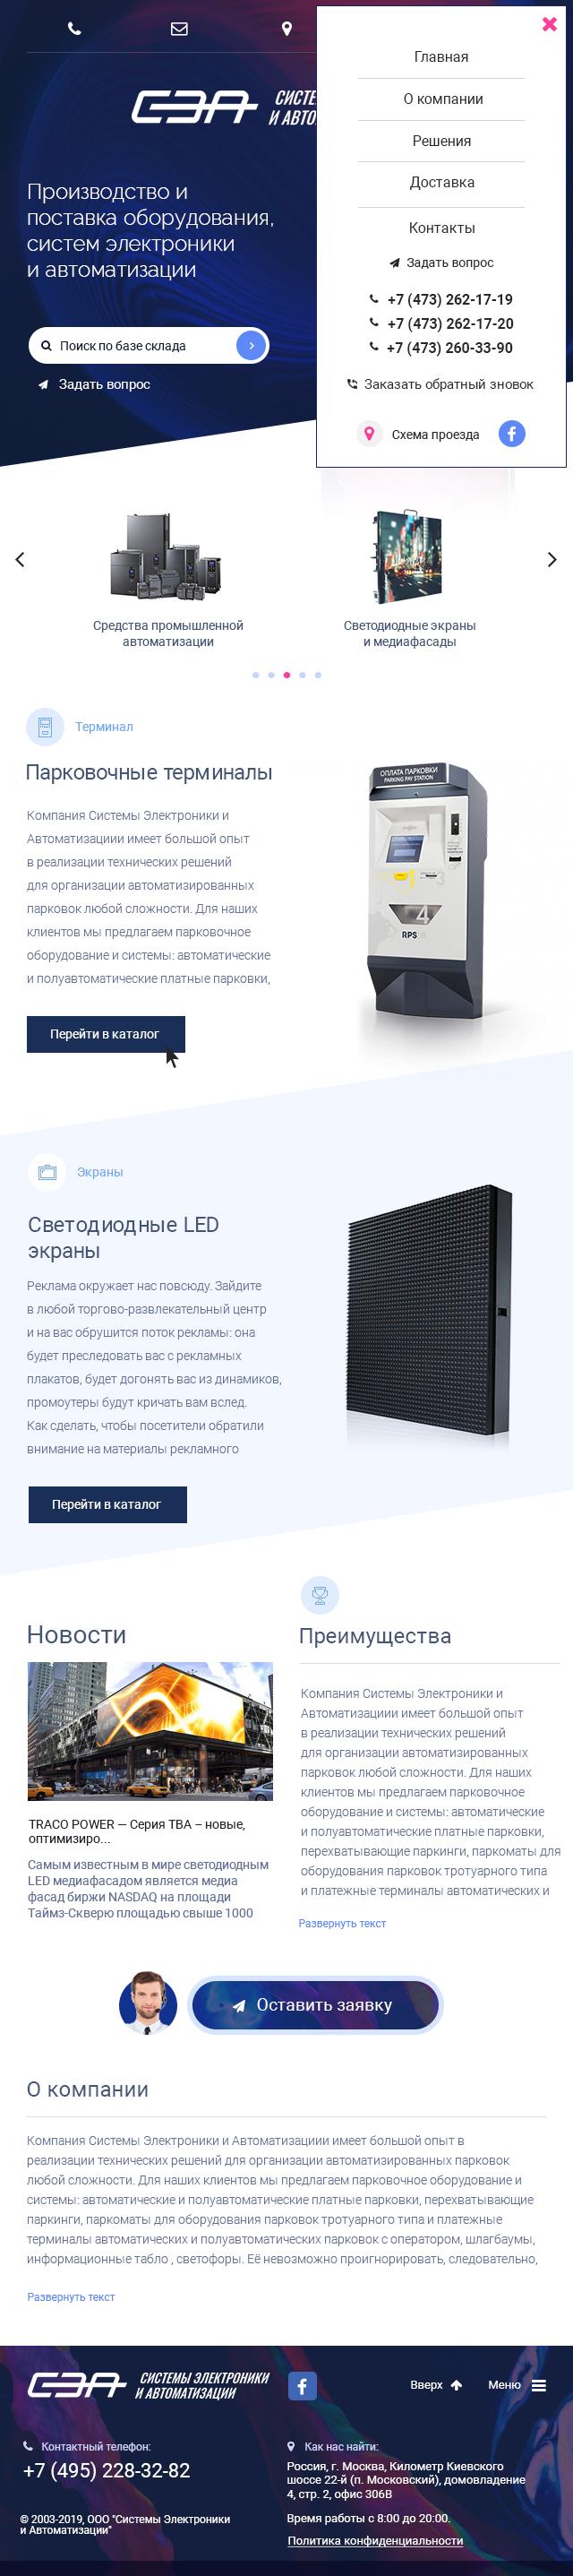 примеры сайтов производства Системы Электроники и Автоматизации 640 px